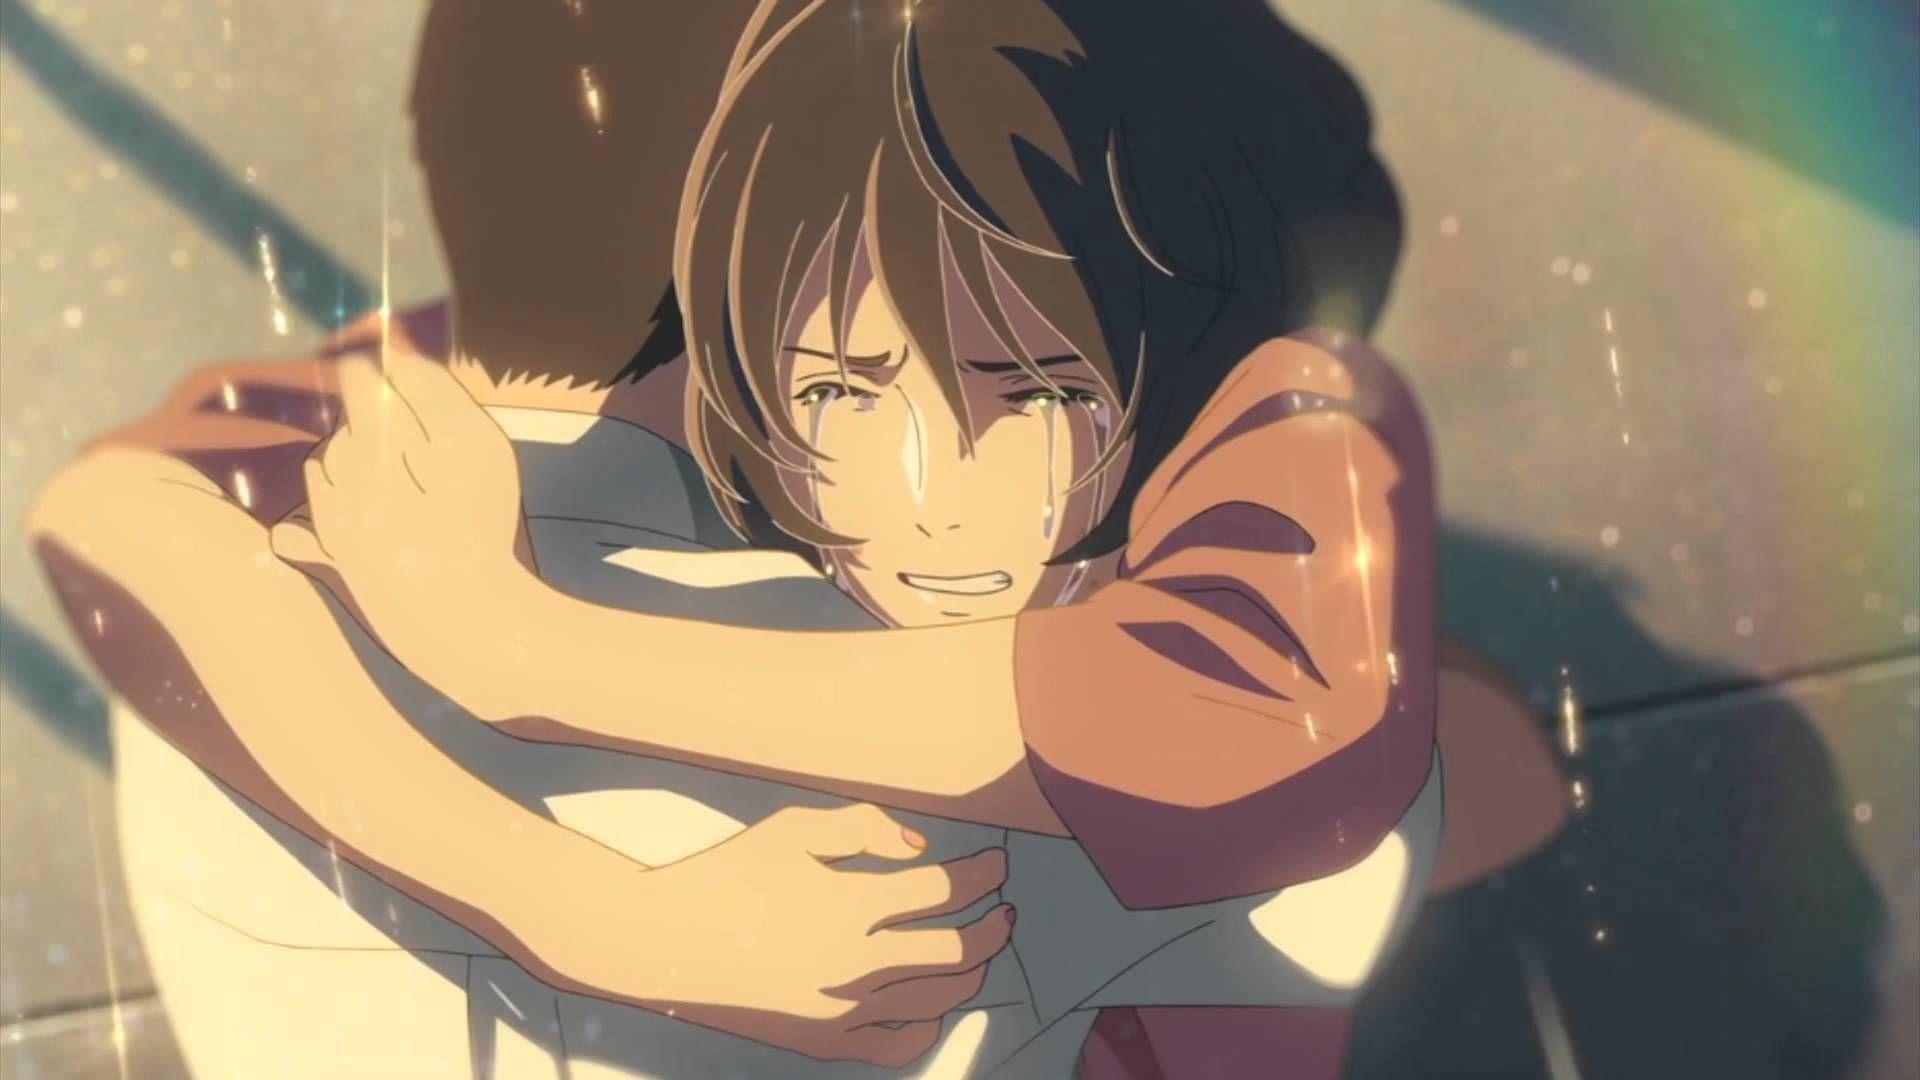 نتيجة بحث الصور عن Garden Of Words Manga Ending Anime Hug Garden Of Words Anime